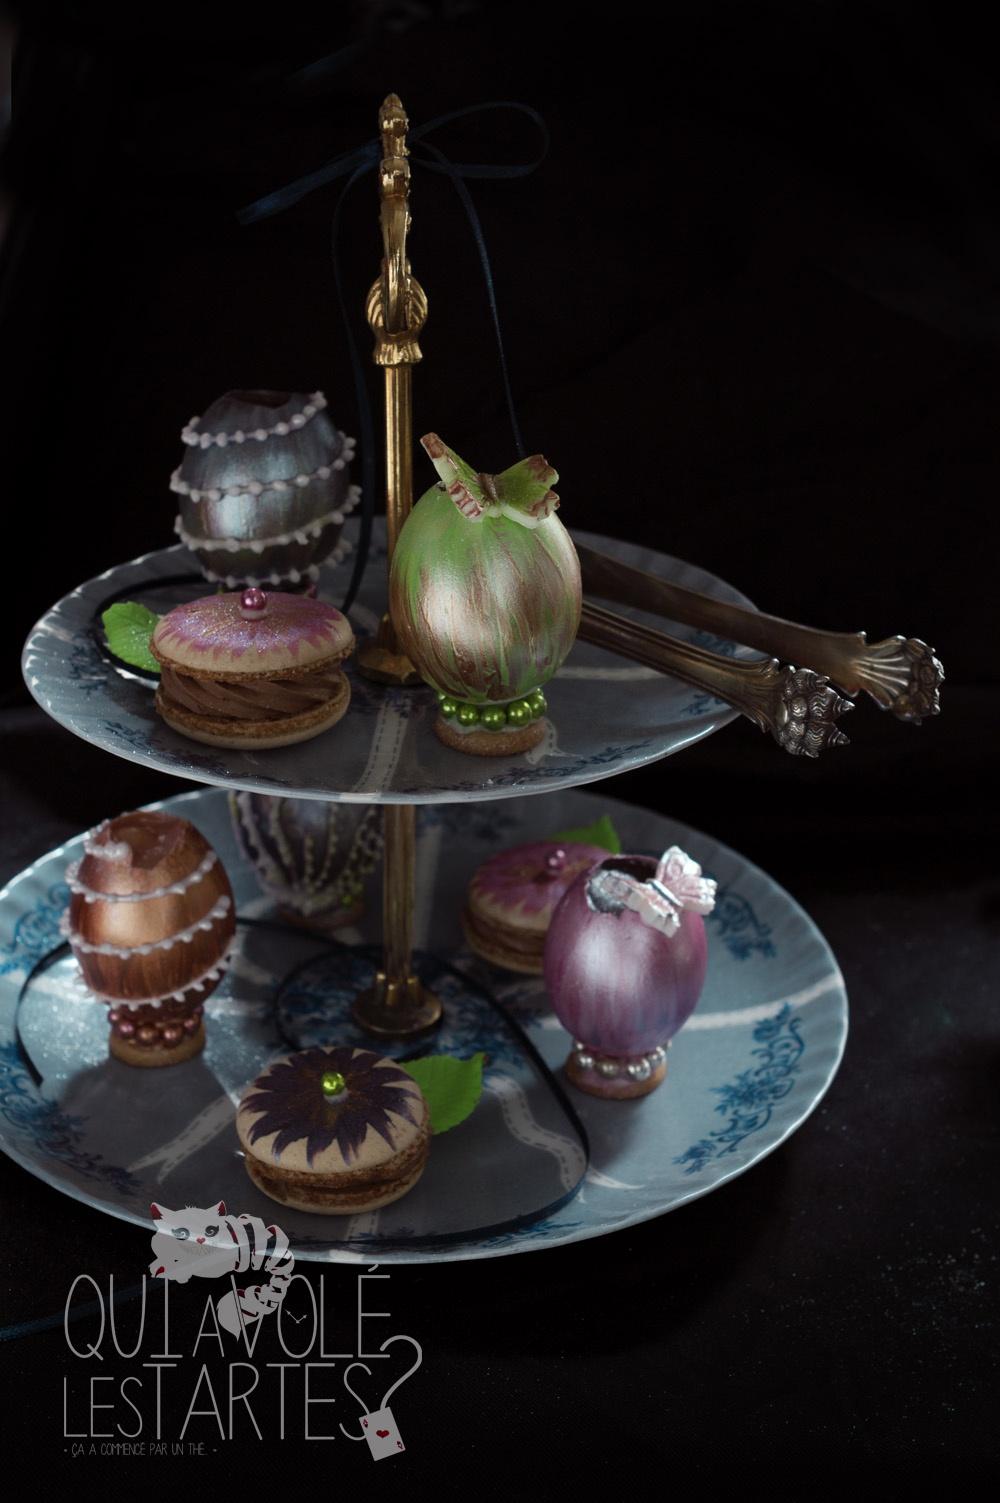 Oeufs façon Fabergé 4 - Studio 2 création - Qui a volé les tartes